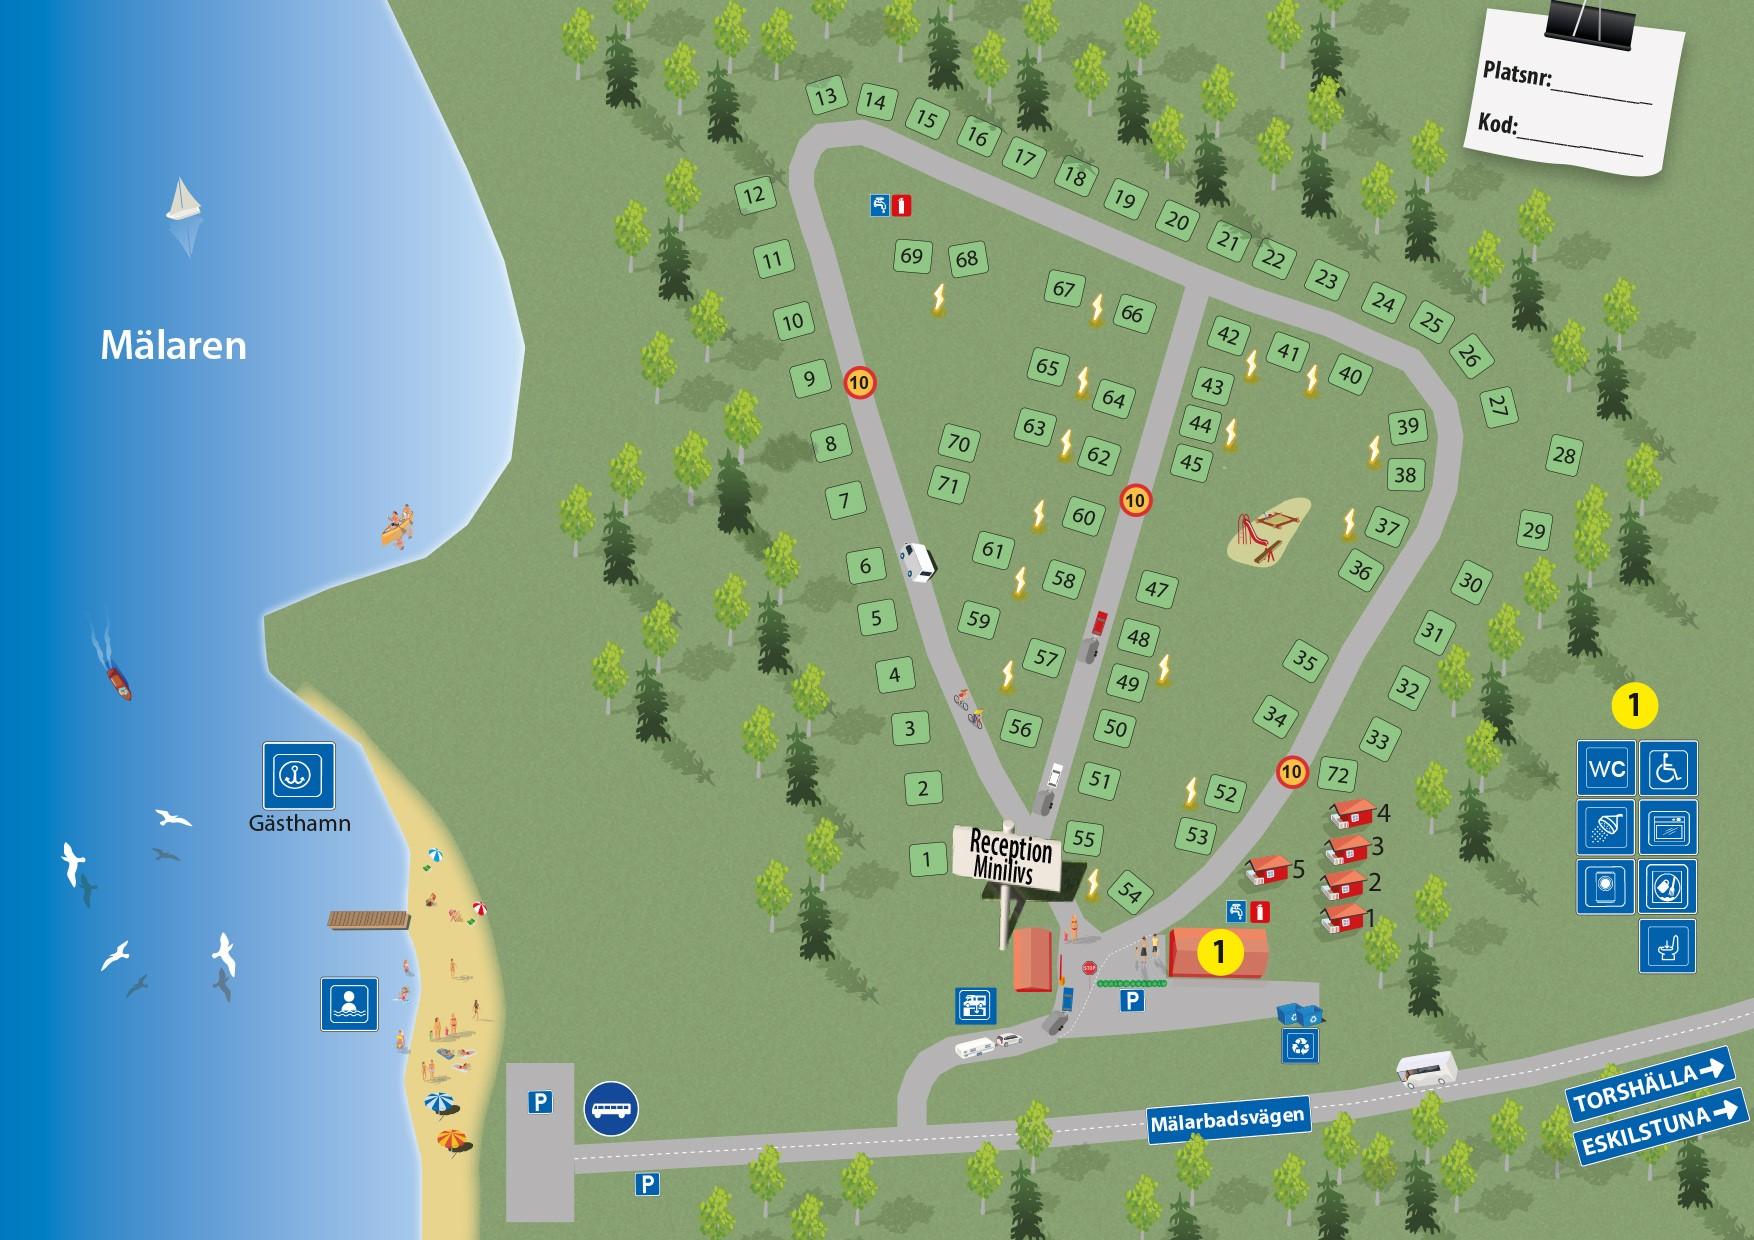 gästhamnar mälaren karta campingkarta malarbaden II   malarbadenscamping.se gästhamnar mälaren karta